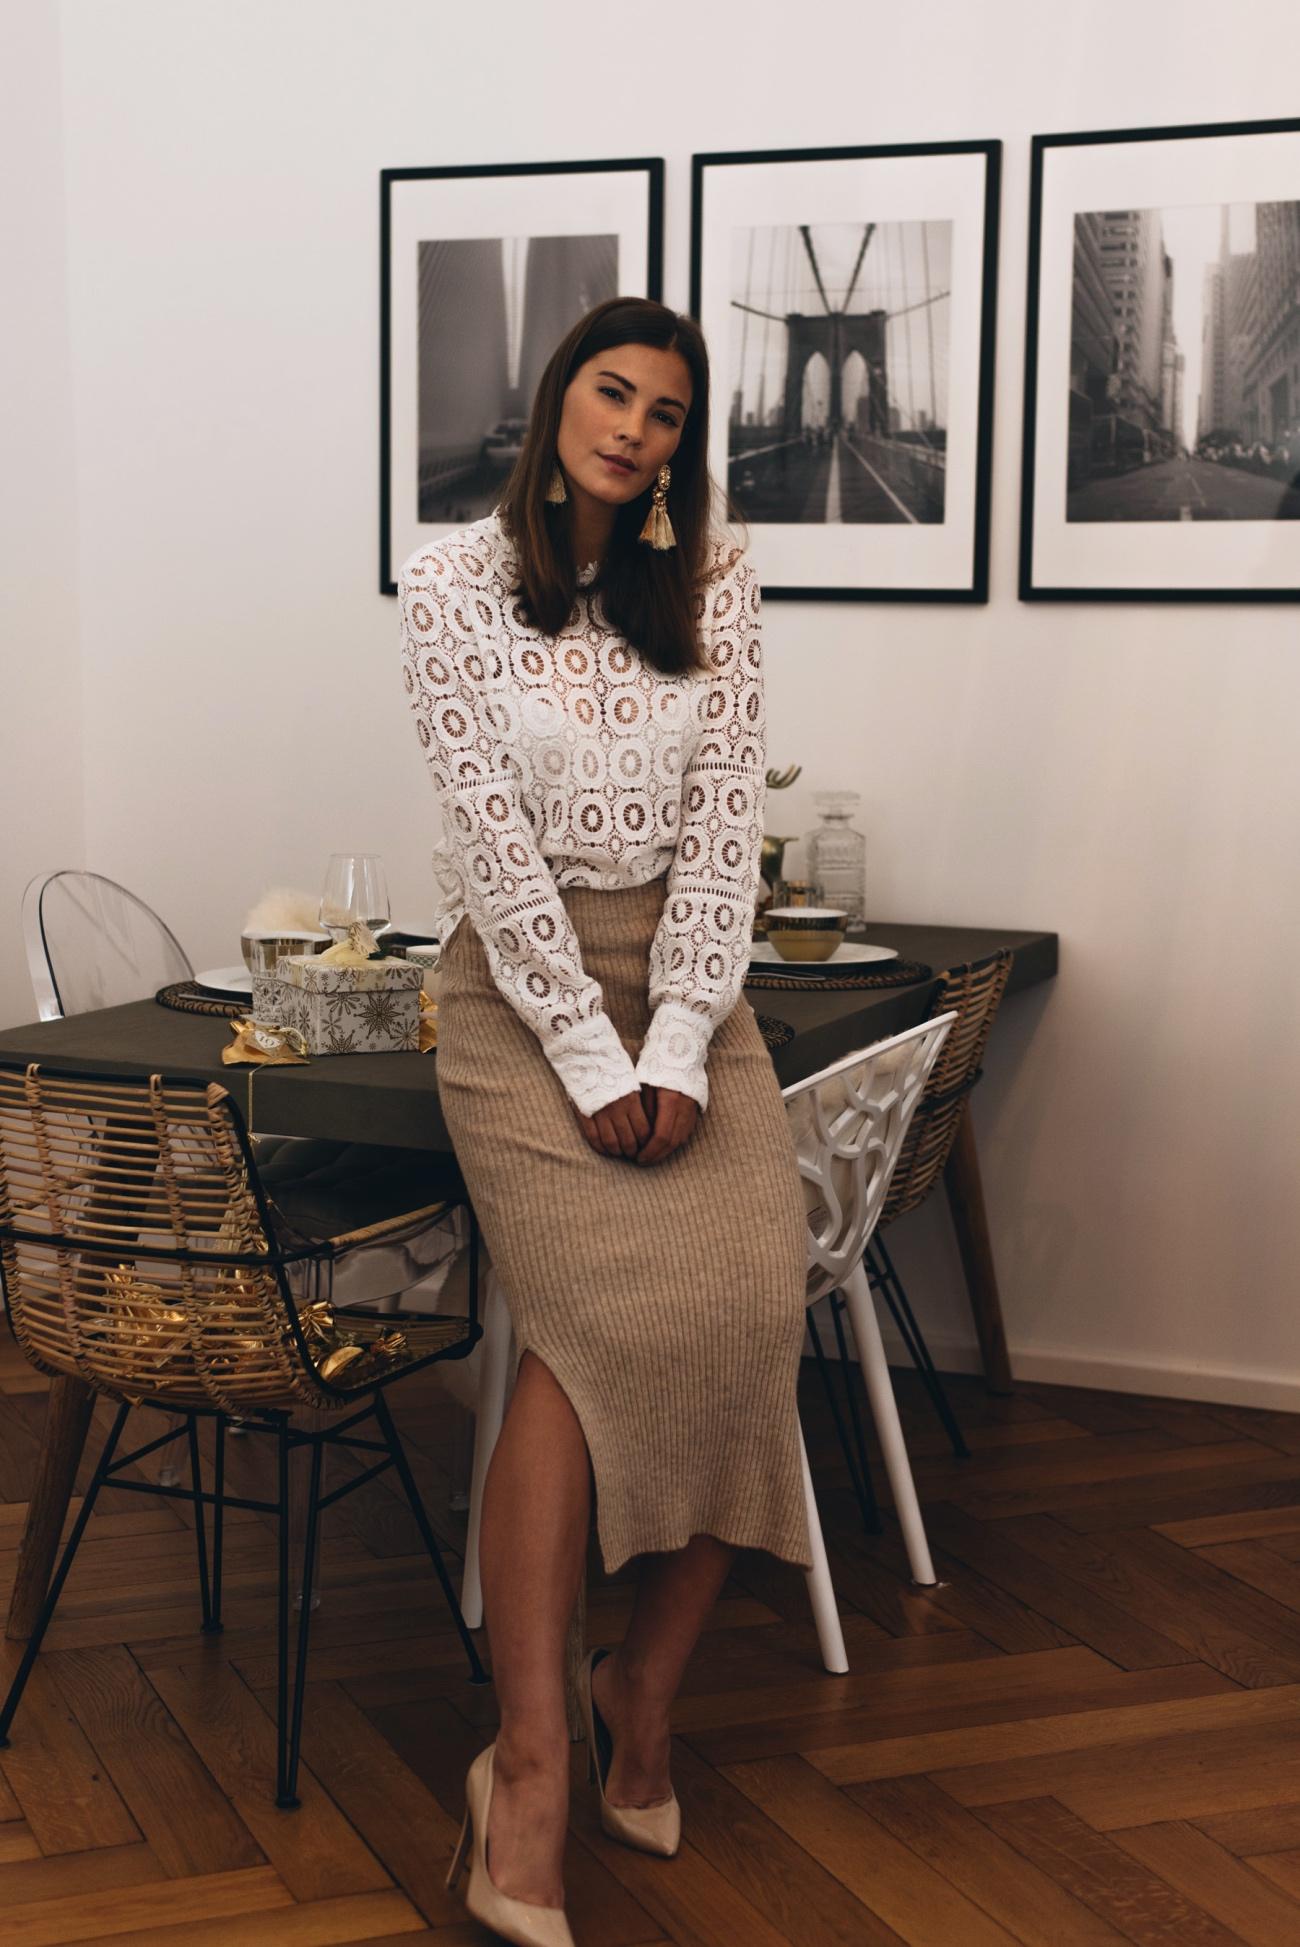 Die-besten-mode-und-beauty-blogs-deutschlands-münchen-fashiioncarpet-nina-schwichtenberg-luxus-bloggerin